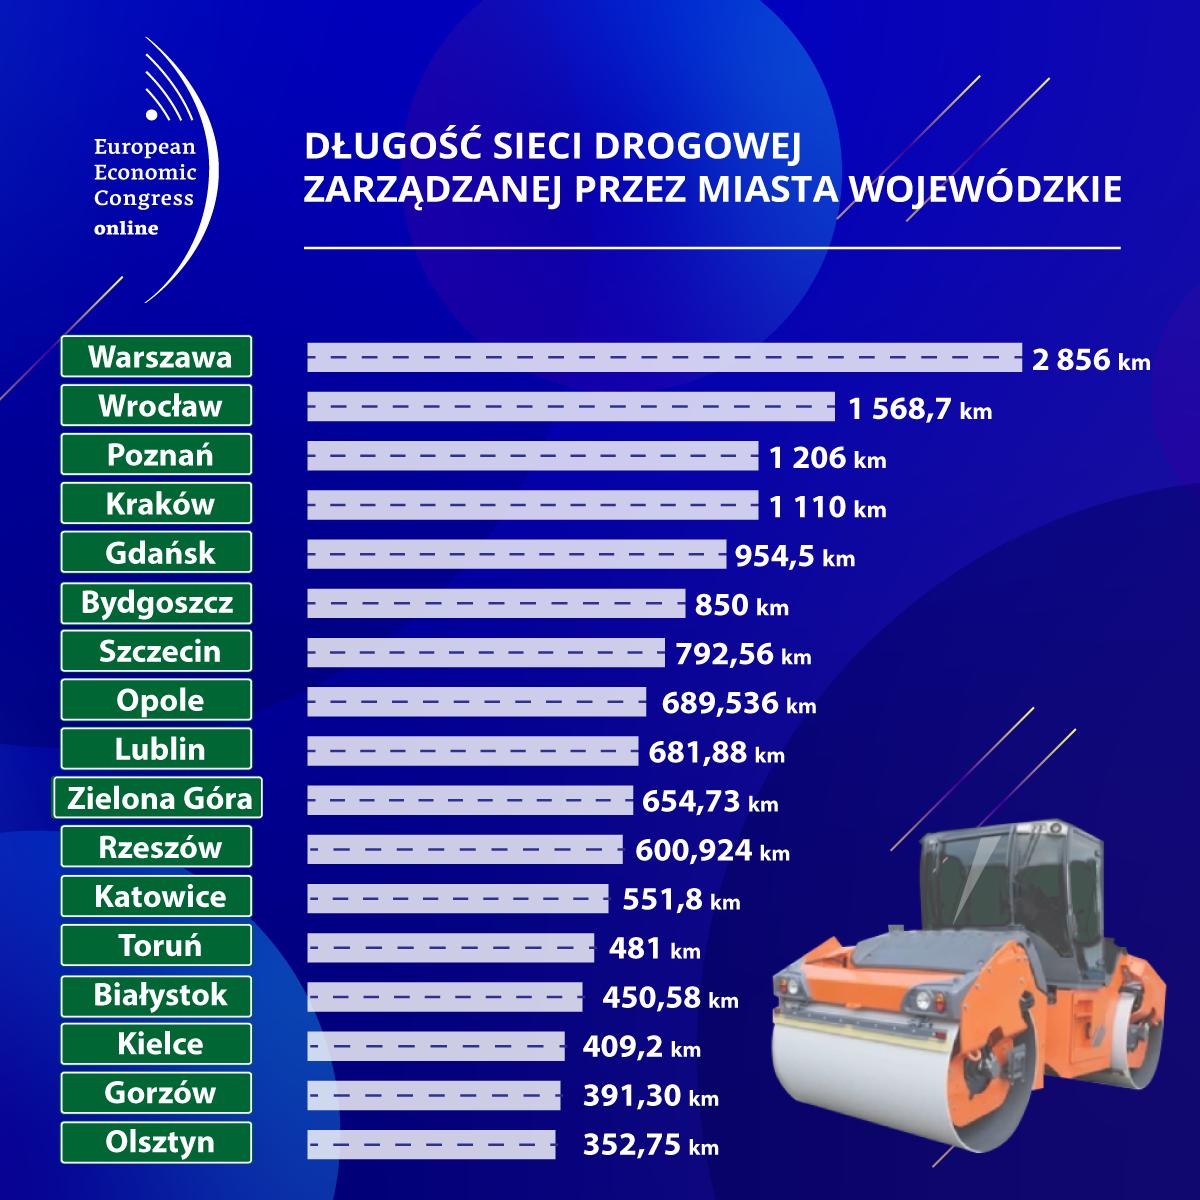 Długość sieci drogowej zarządzanej przez miasta wojewódzkie (Fot. PTWP).Infografika: PTWP